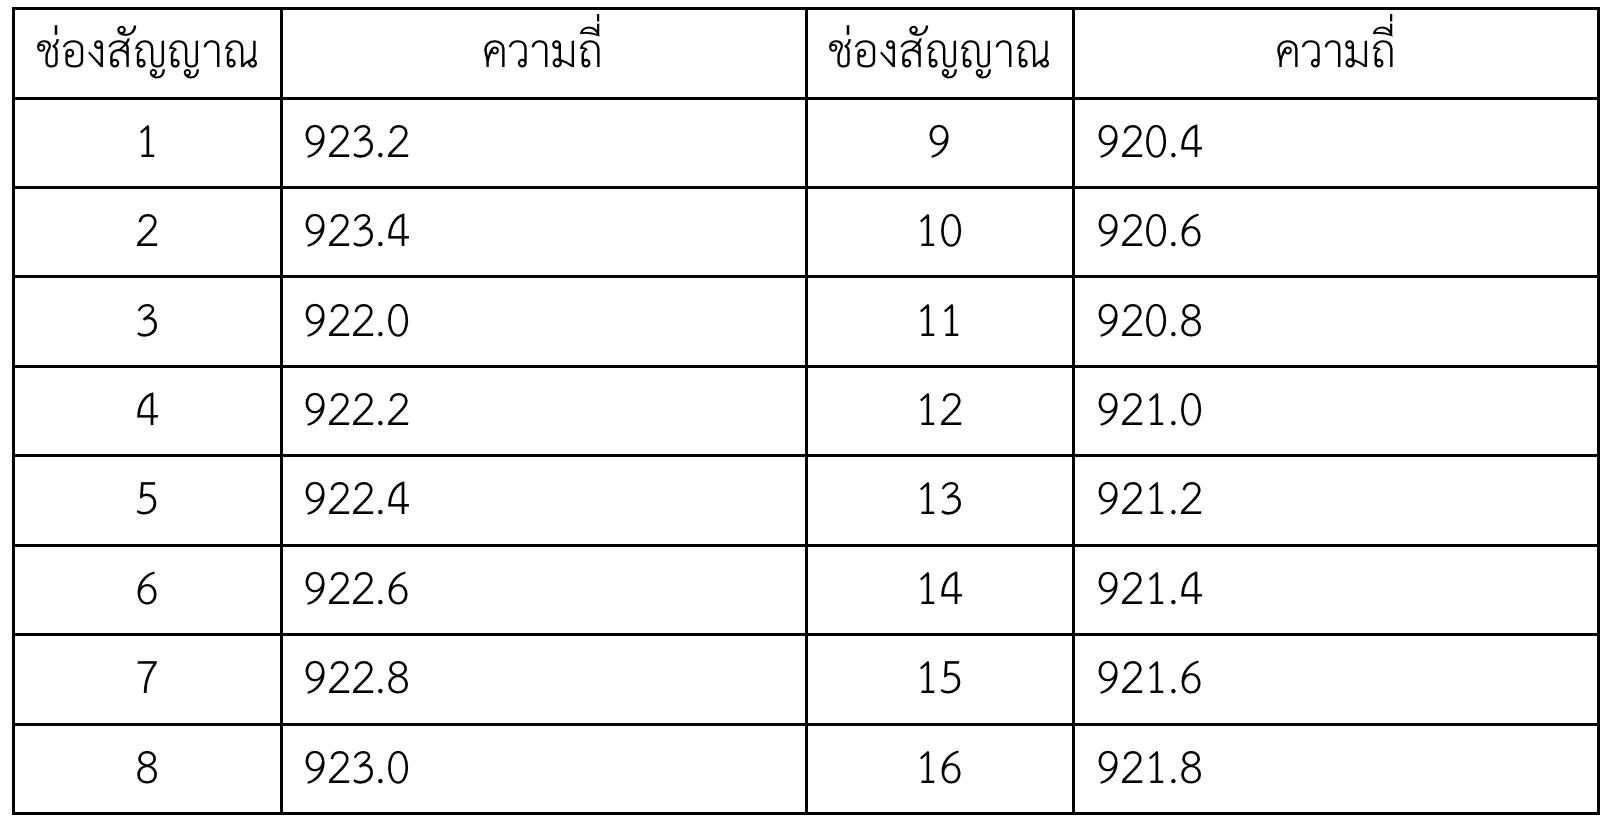 การเชื่อมต่อ LoRaWAN ของ CAT Telecom ด้วย Lopy4, Sodaq One, TTGO